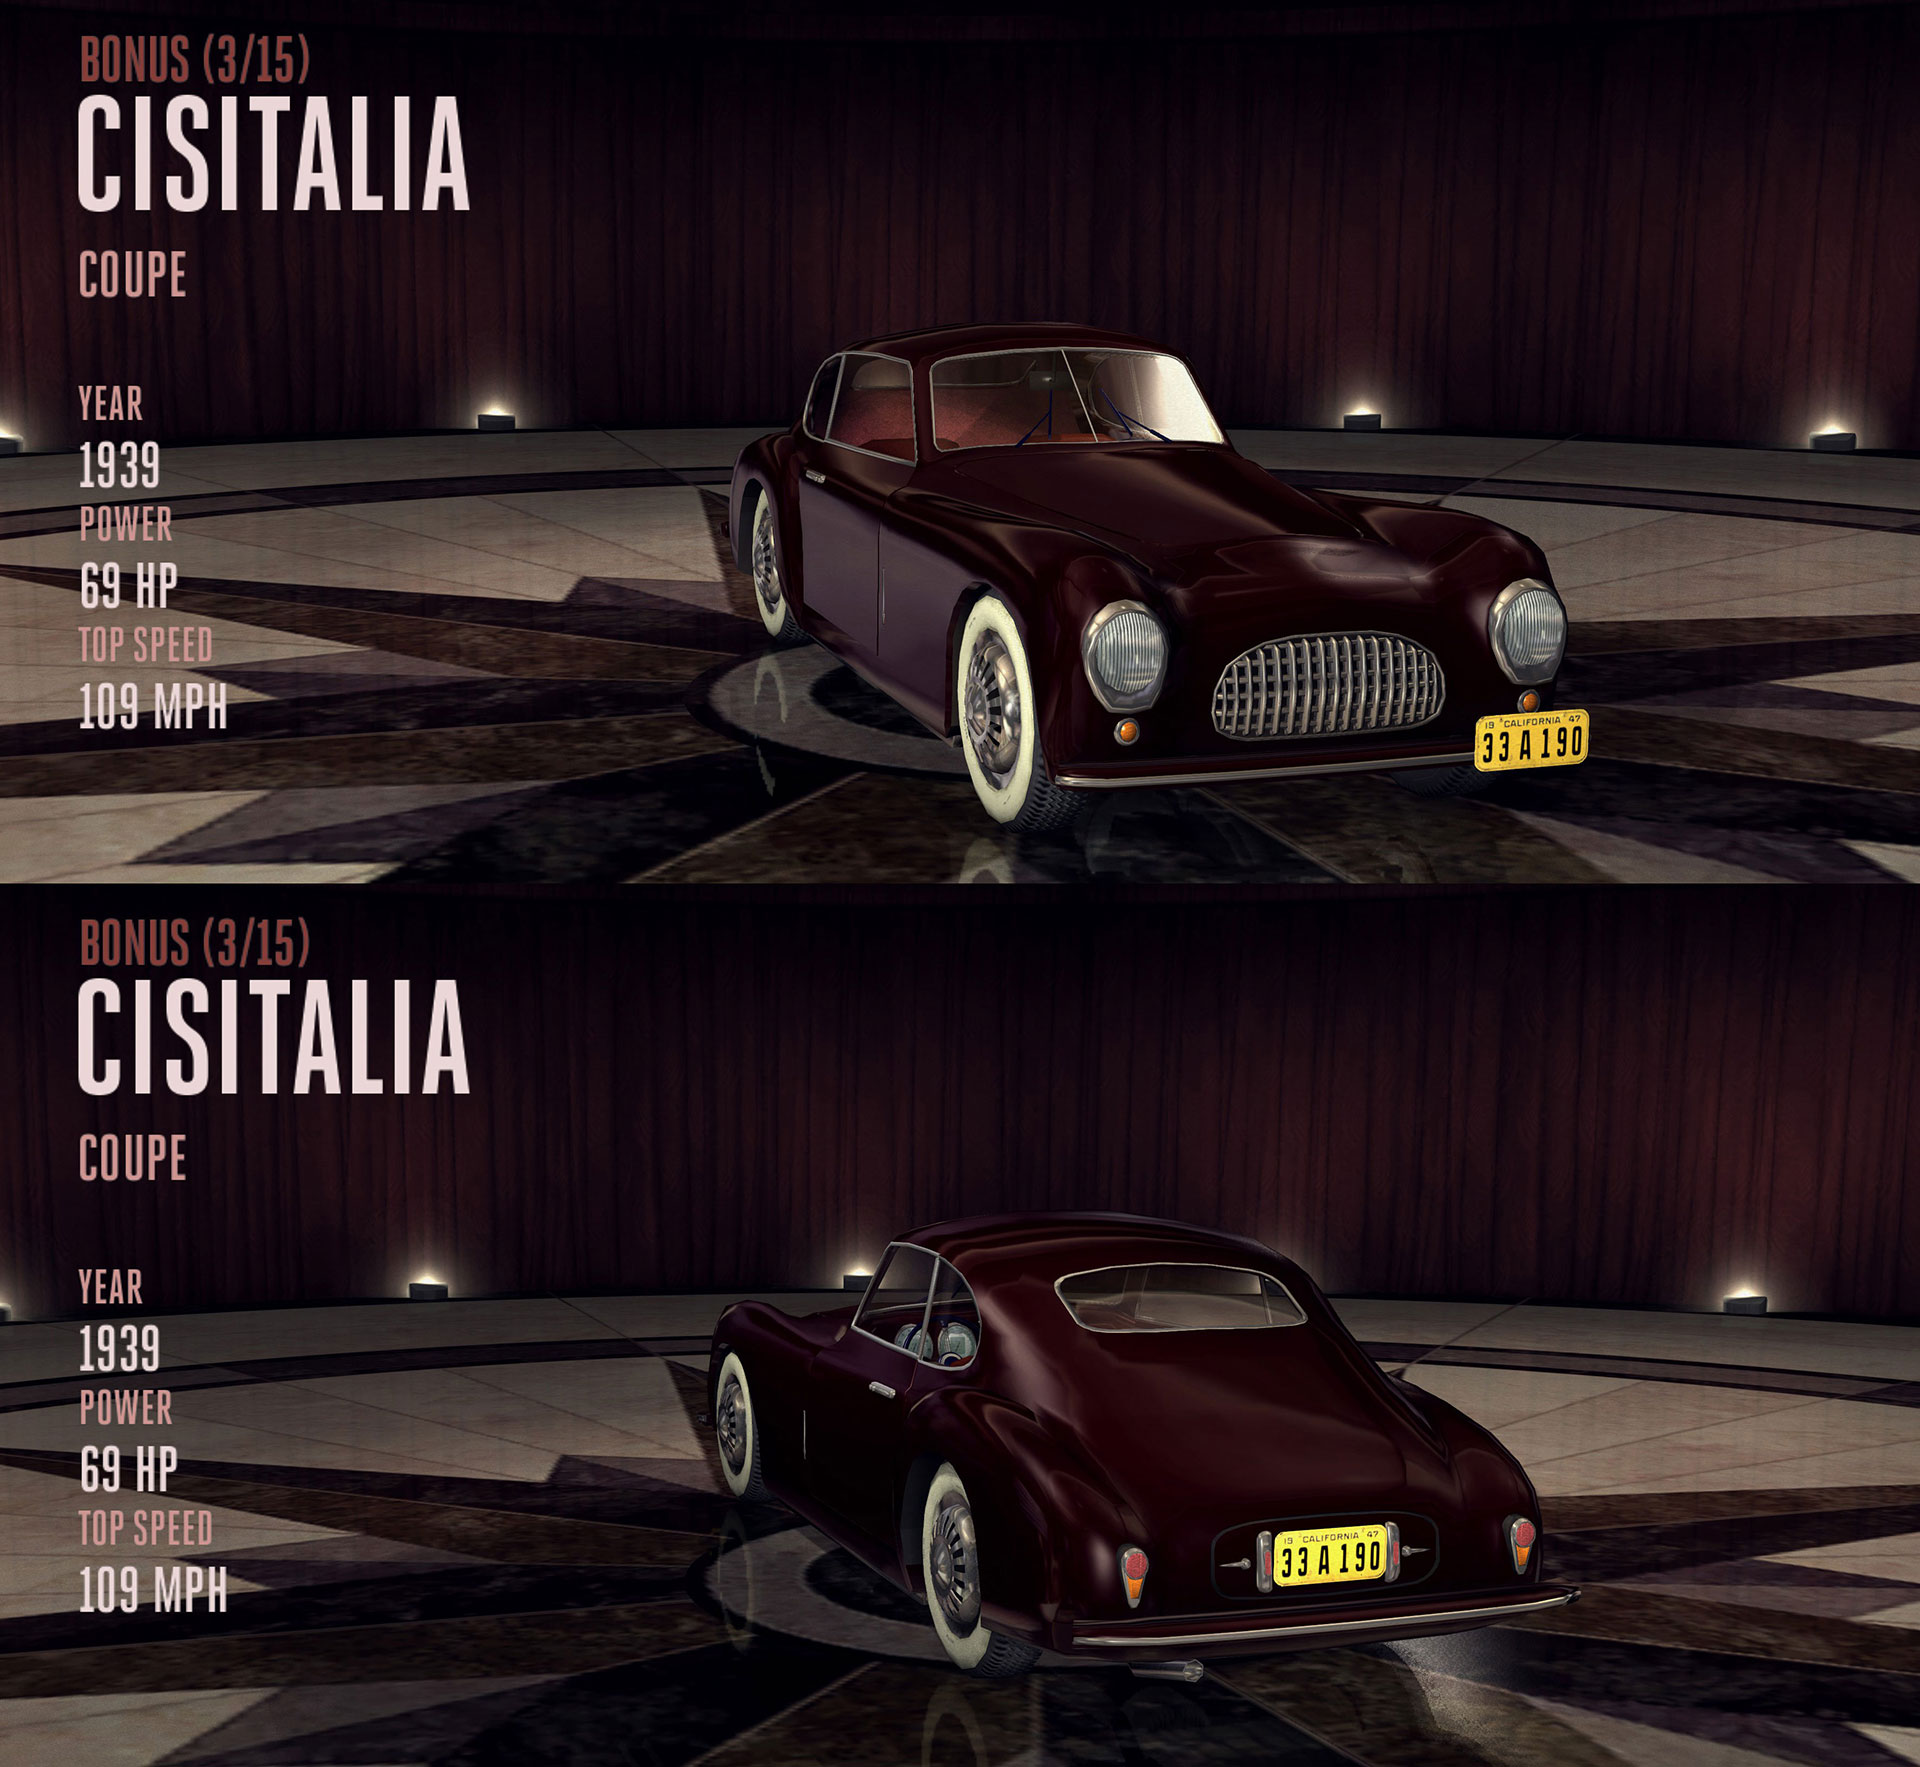 Cisitalia Coupe